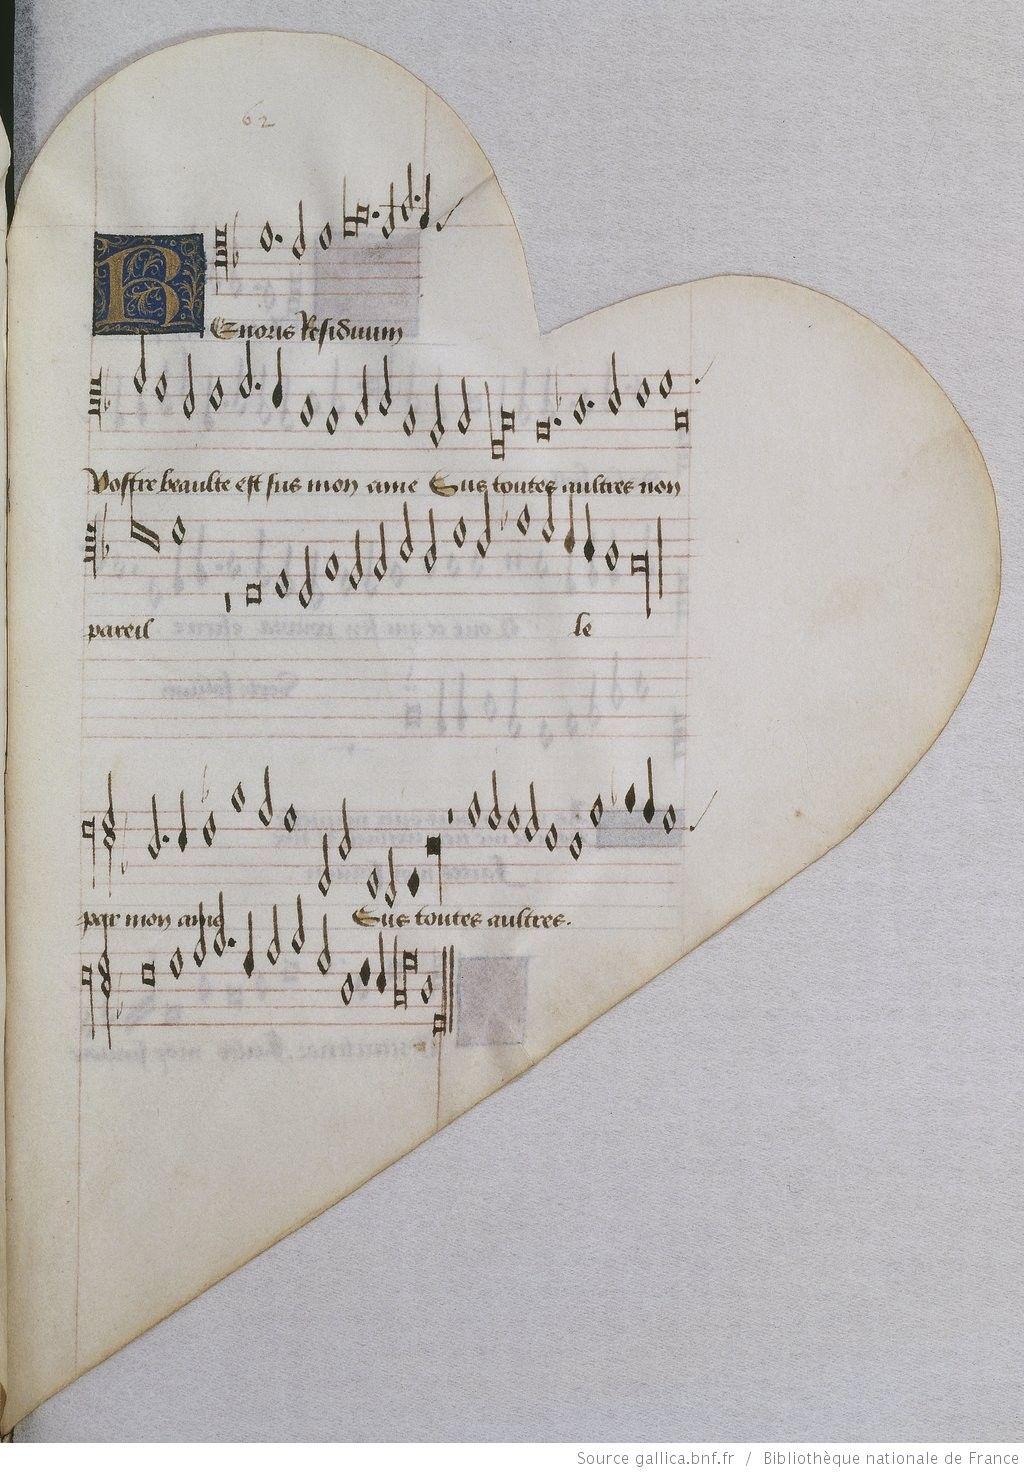 Titre :  Chansonnier cordiforme de Montchenu. RECUEIL de Chansons italiennes et françaises.  Date d'édition :  1470-1480  Rothschild 2973  Folio 62r